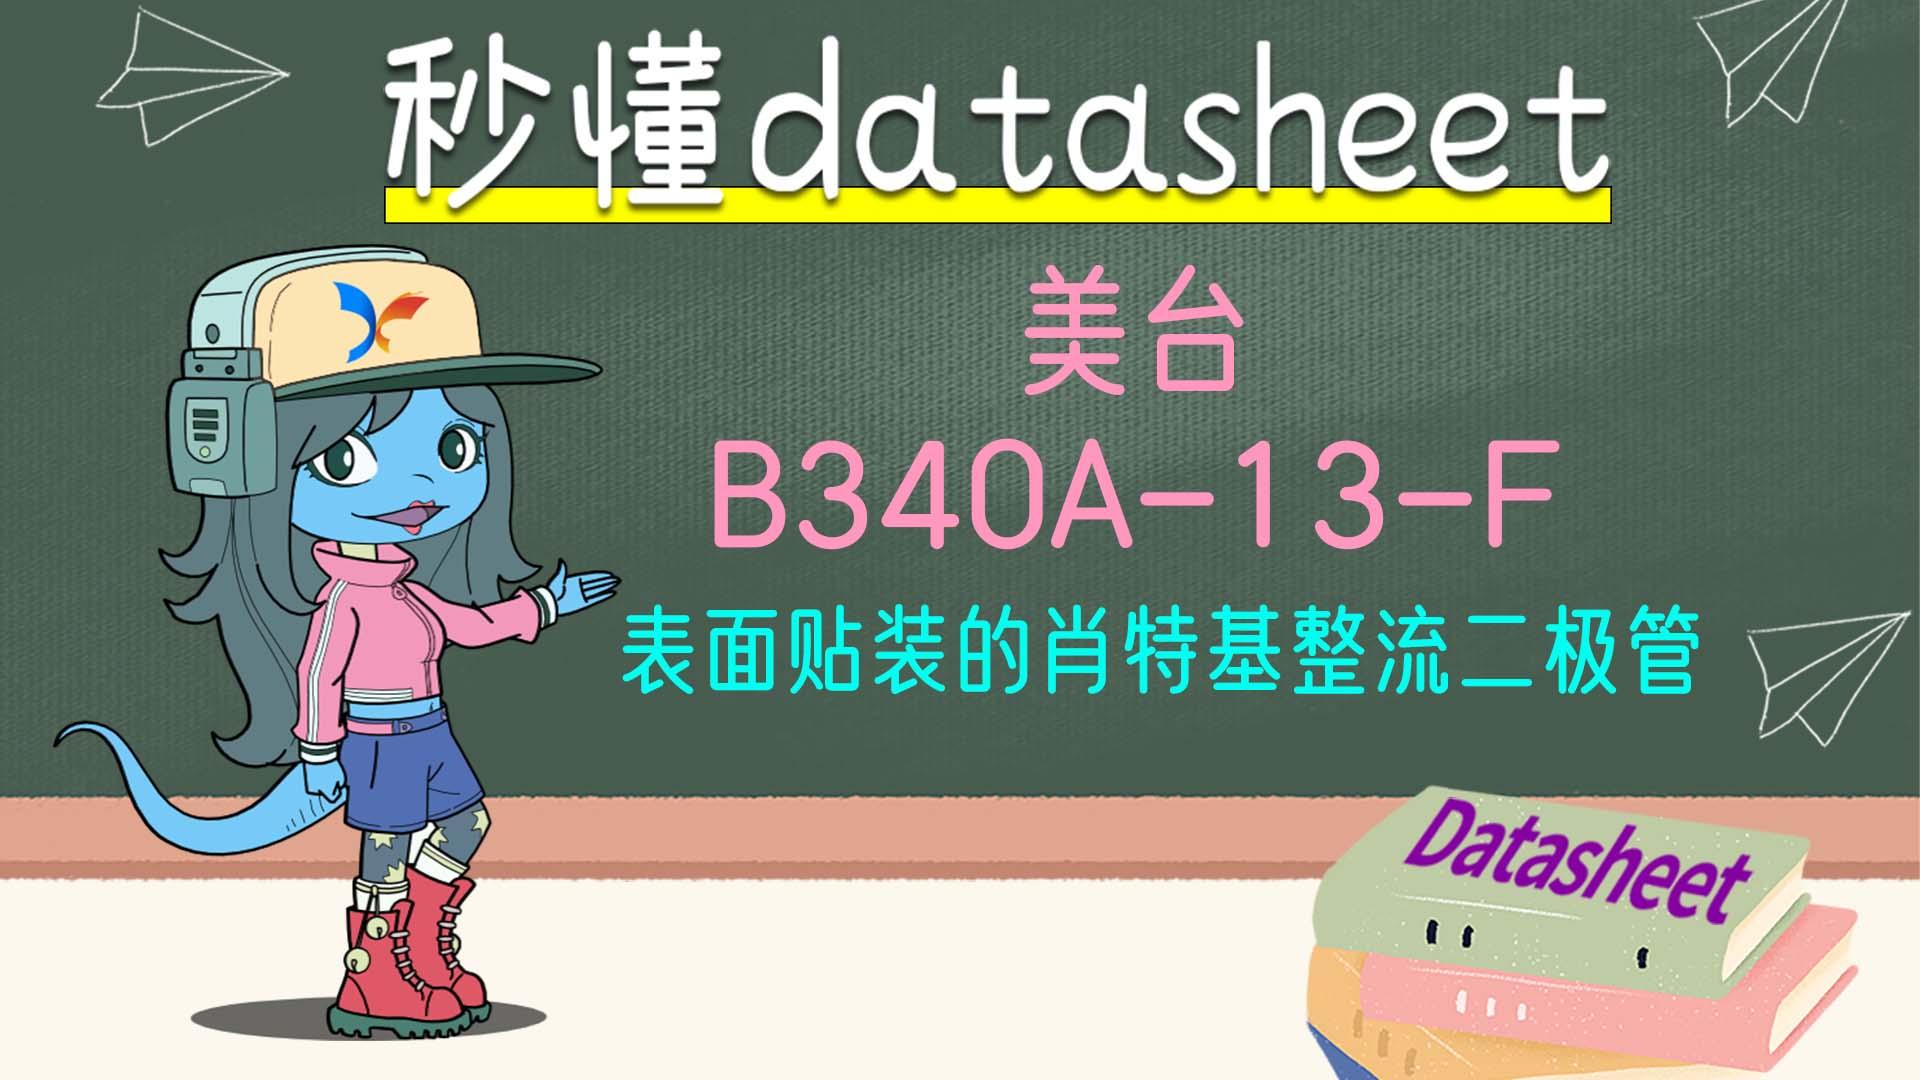 【秒懂datasheet】美台 B340A-13-F 表面贴装的肖特基整流二极管